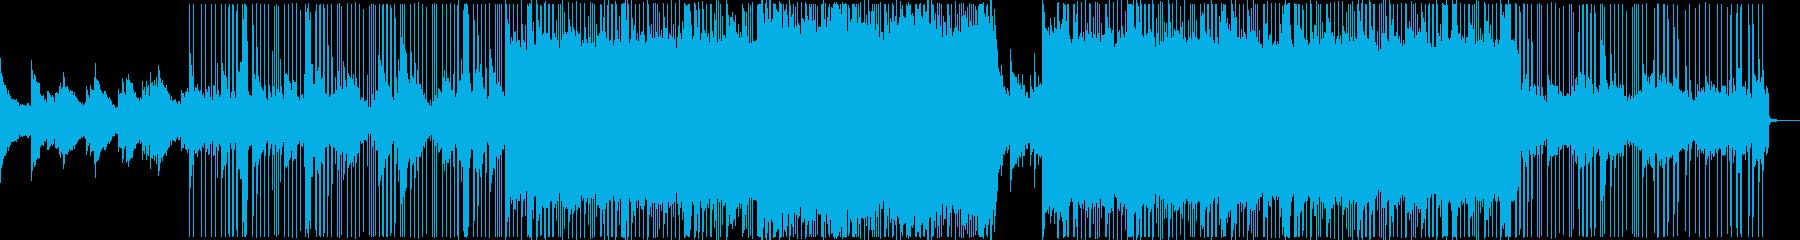 ハンドベルの音が心地よいシンプルなBGMの再生済みの波形